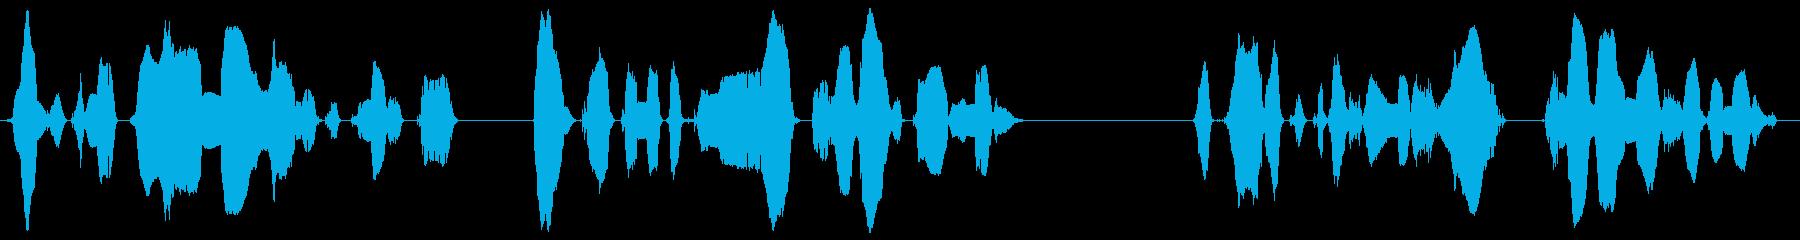 本日の公演内容につきましてアンケートの…の再生済みの波形